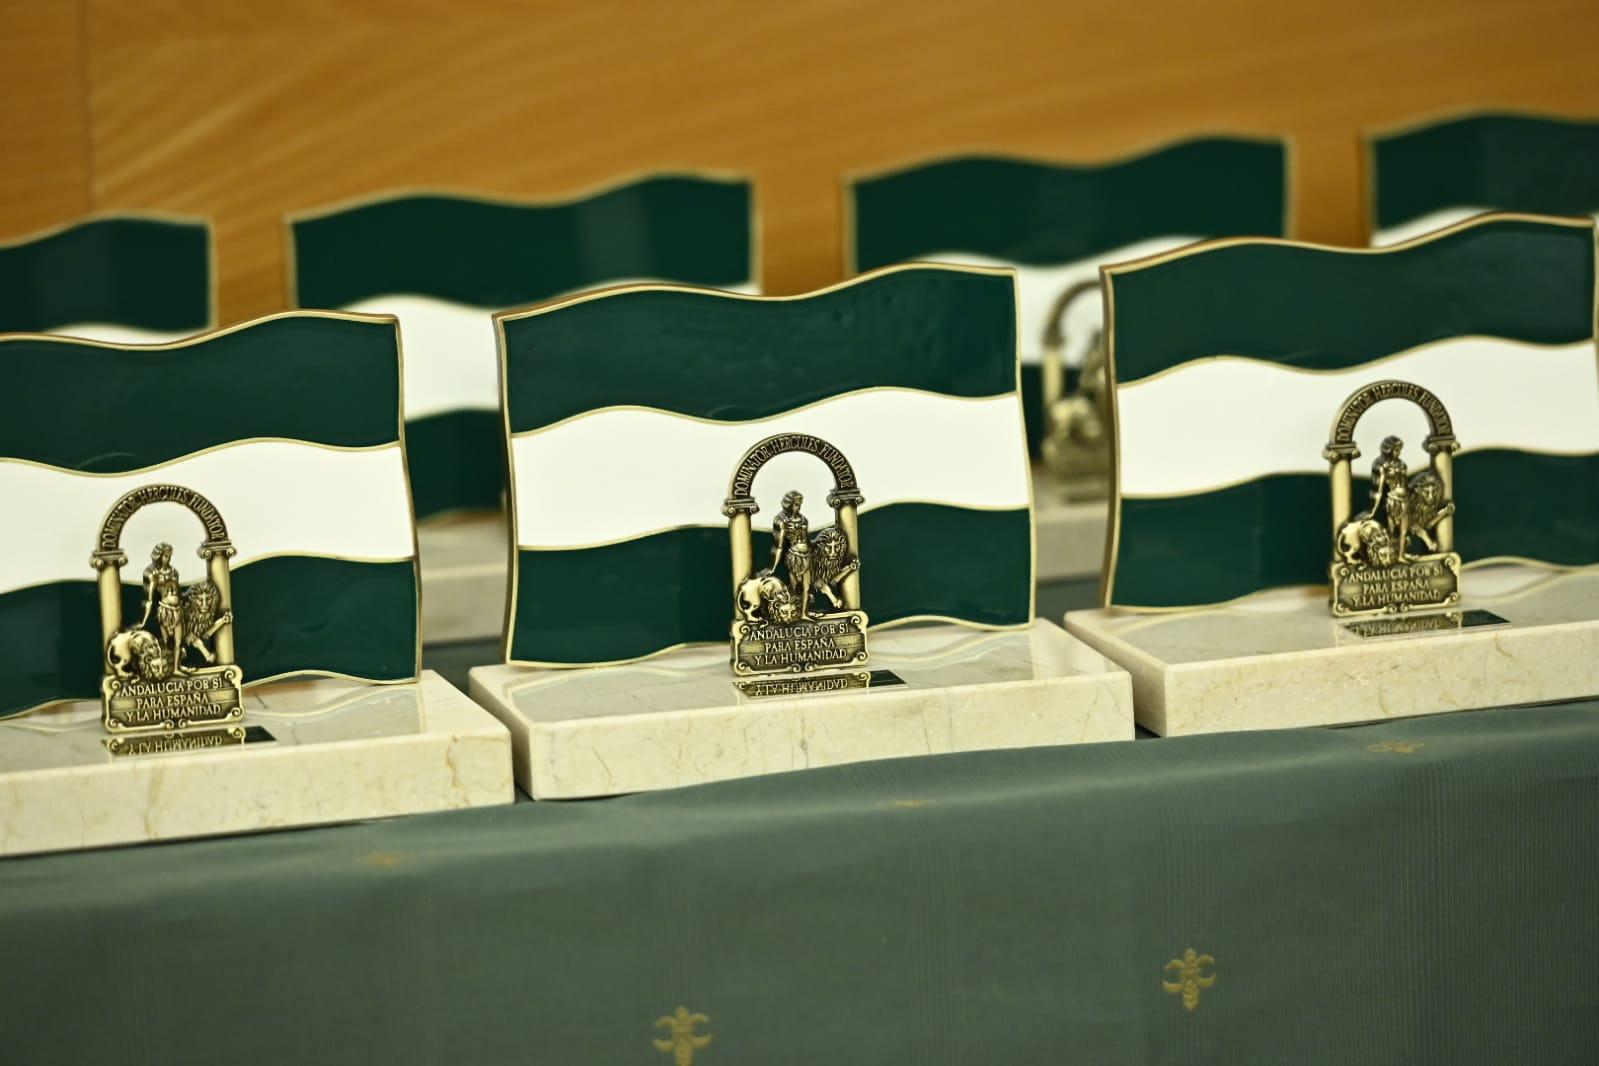 La Junta de Andalucía en Granada presenta sus diez galardonados con la Bandera de Andalucía en el año Covid-19